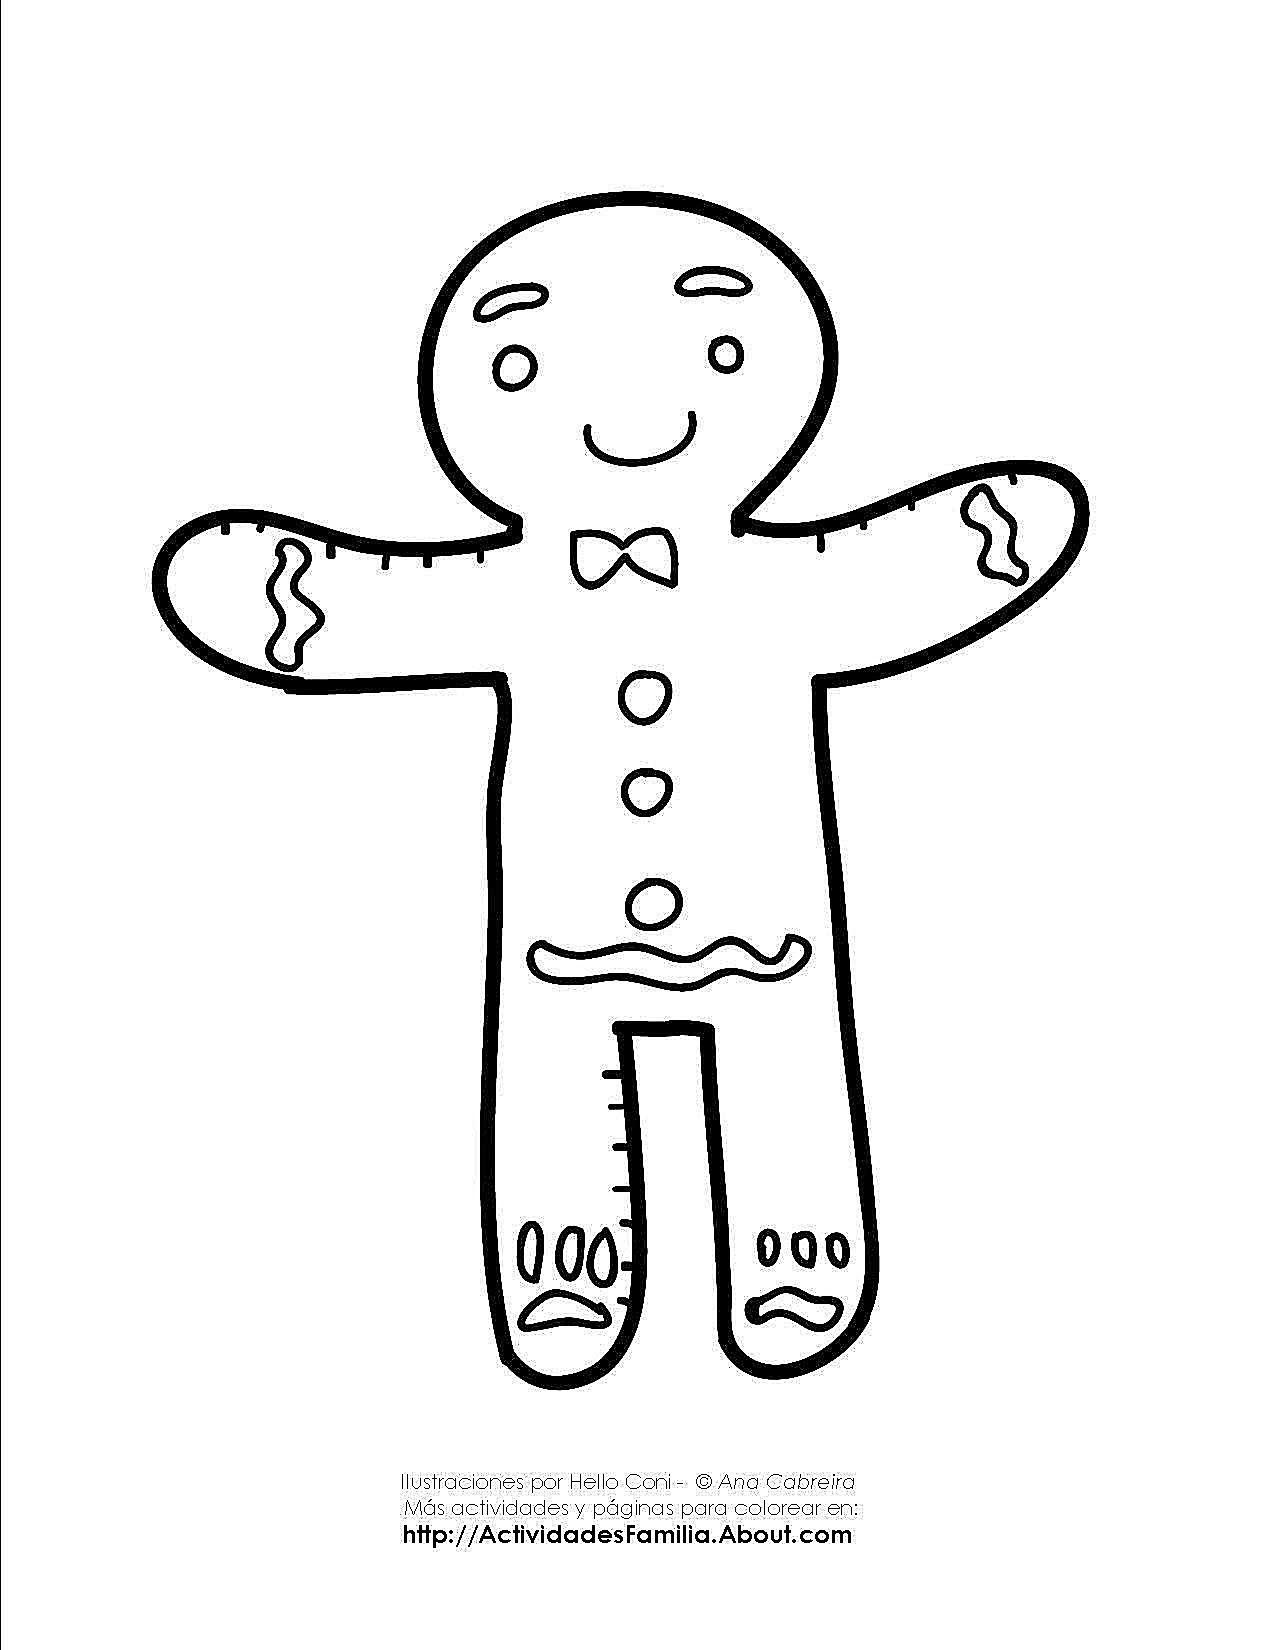 Excepcional Galletas De Navidad Para Colorear Ideas - Dibujos Para ...